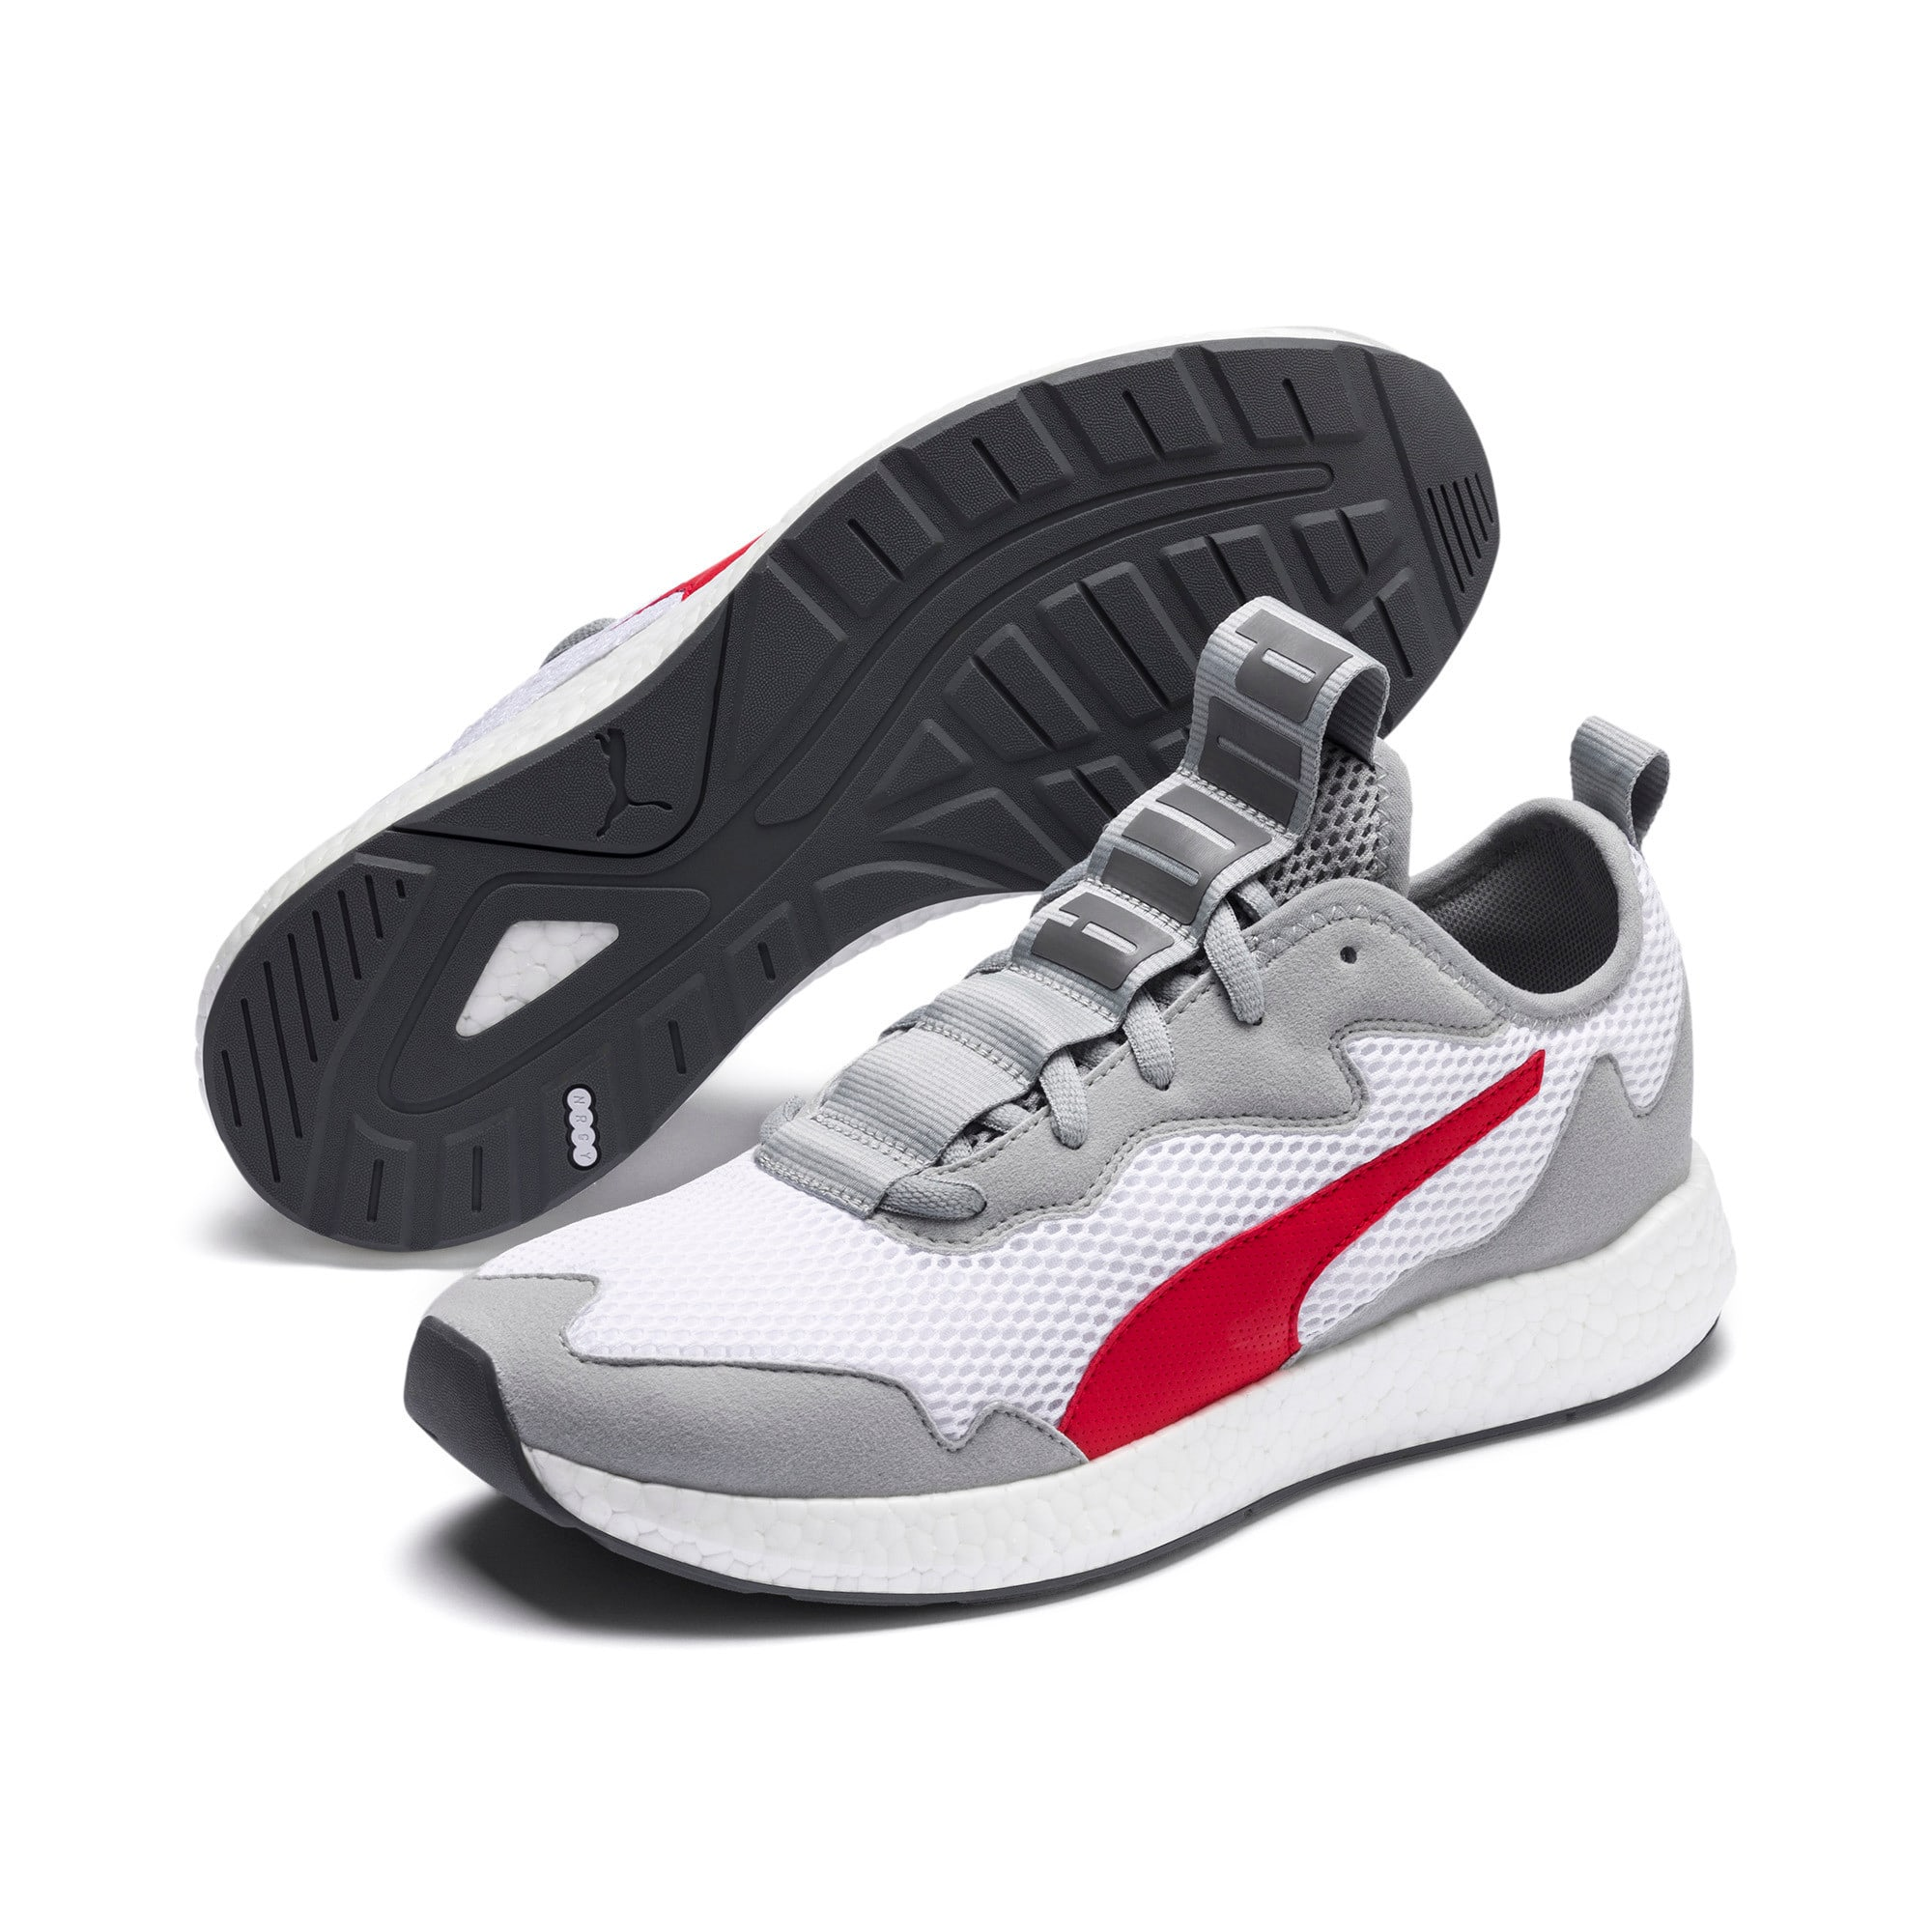 Miniatura 2 de Zapatos para correr NRGY Neko Skim para hombre, High Rise-High Risk Red, mediano